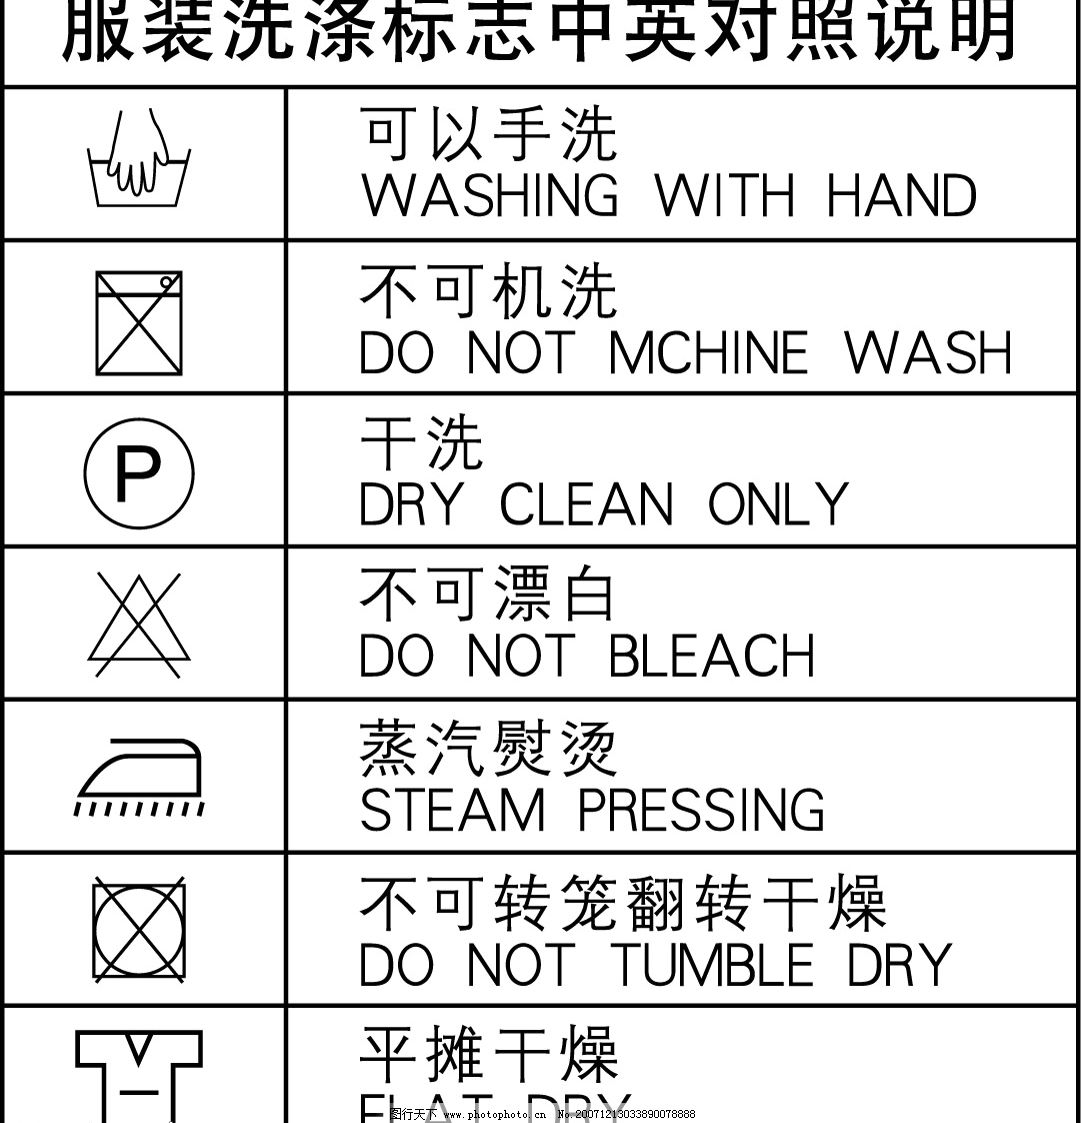 中英问对照 服装洗涤标志中英问对照 洗涤水洗麦 其他矢量